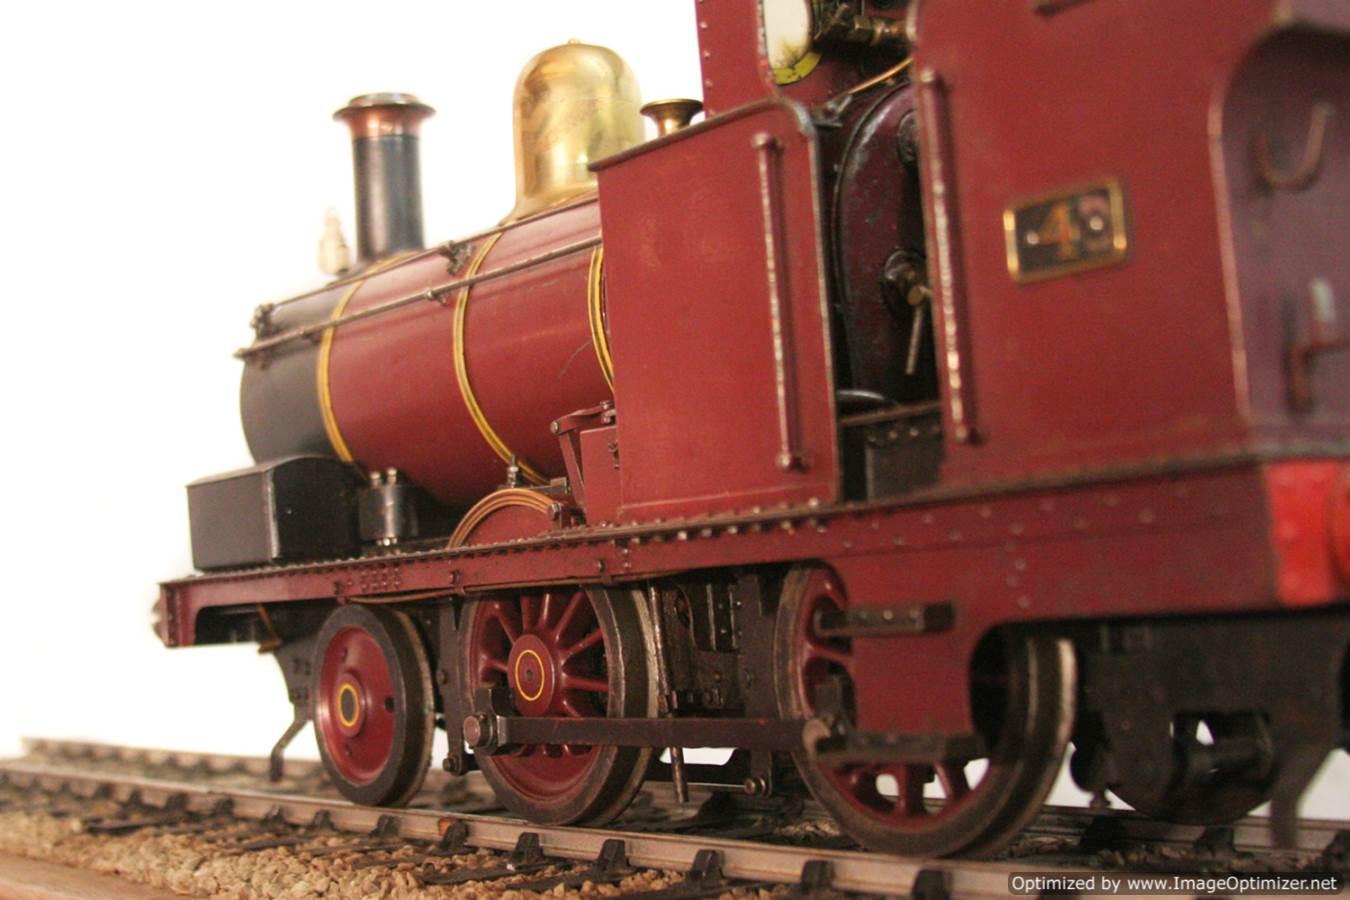 test Gem locomotive for sale 09 Optimized